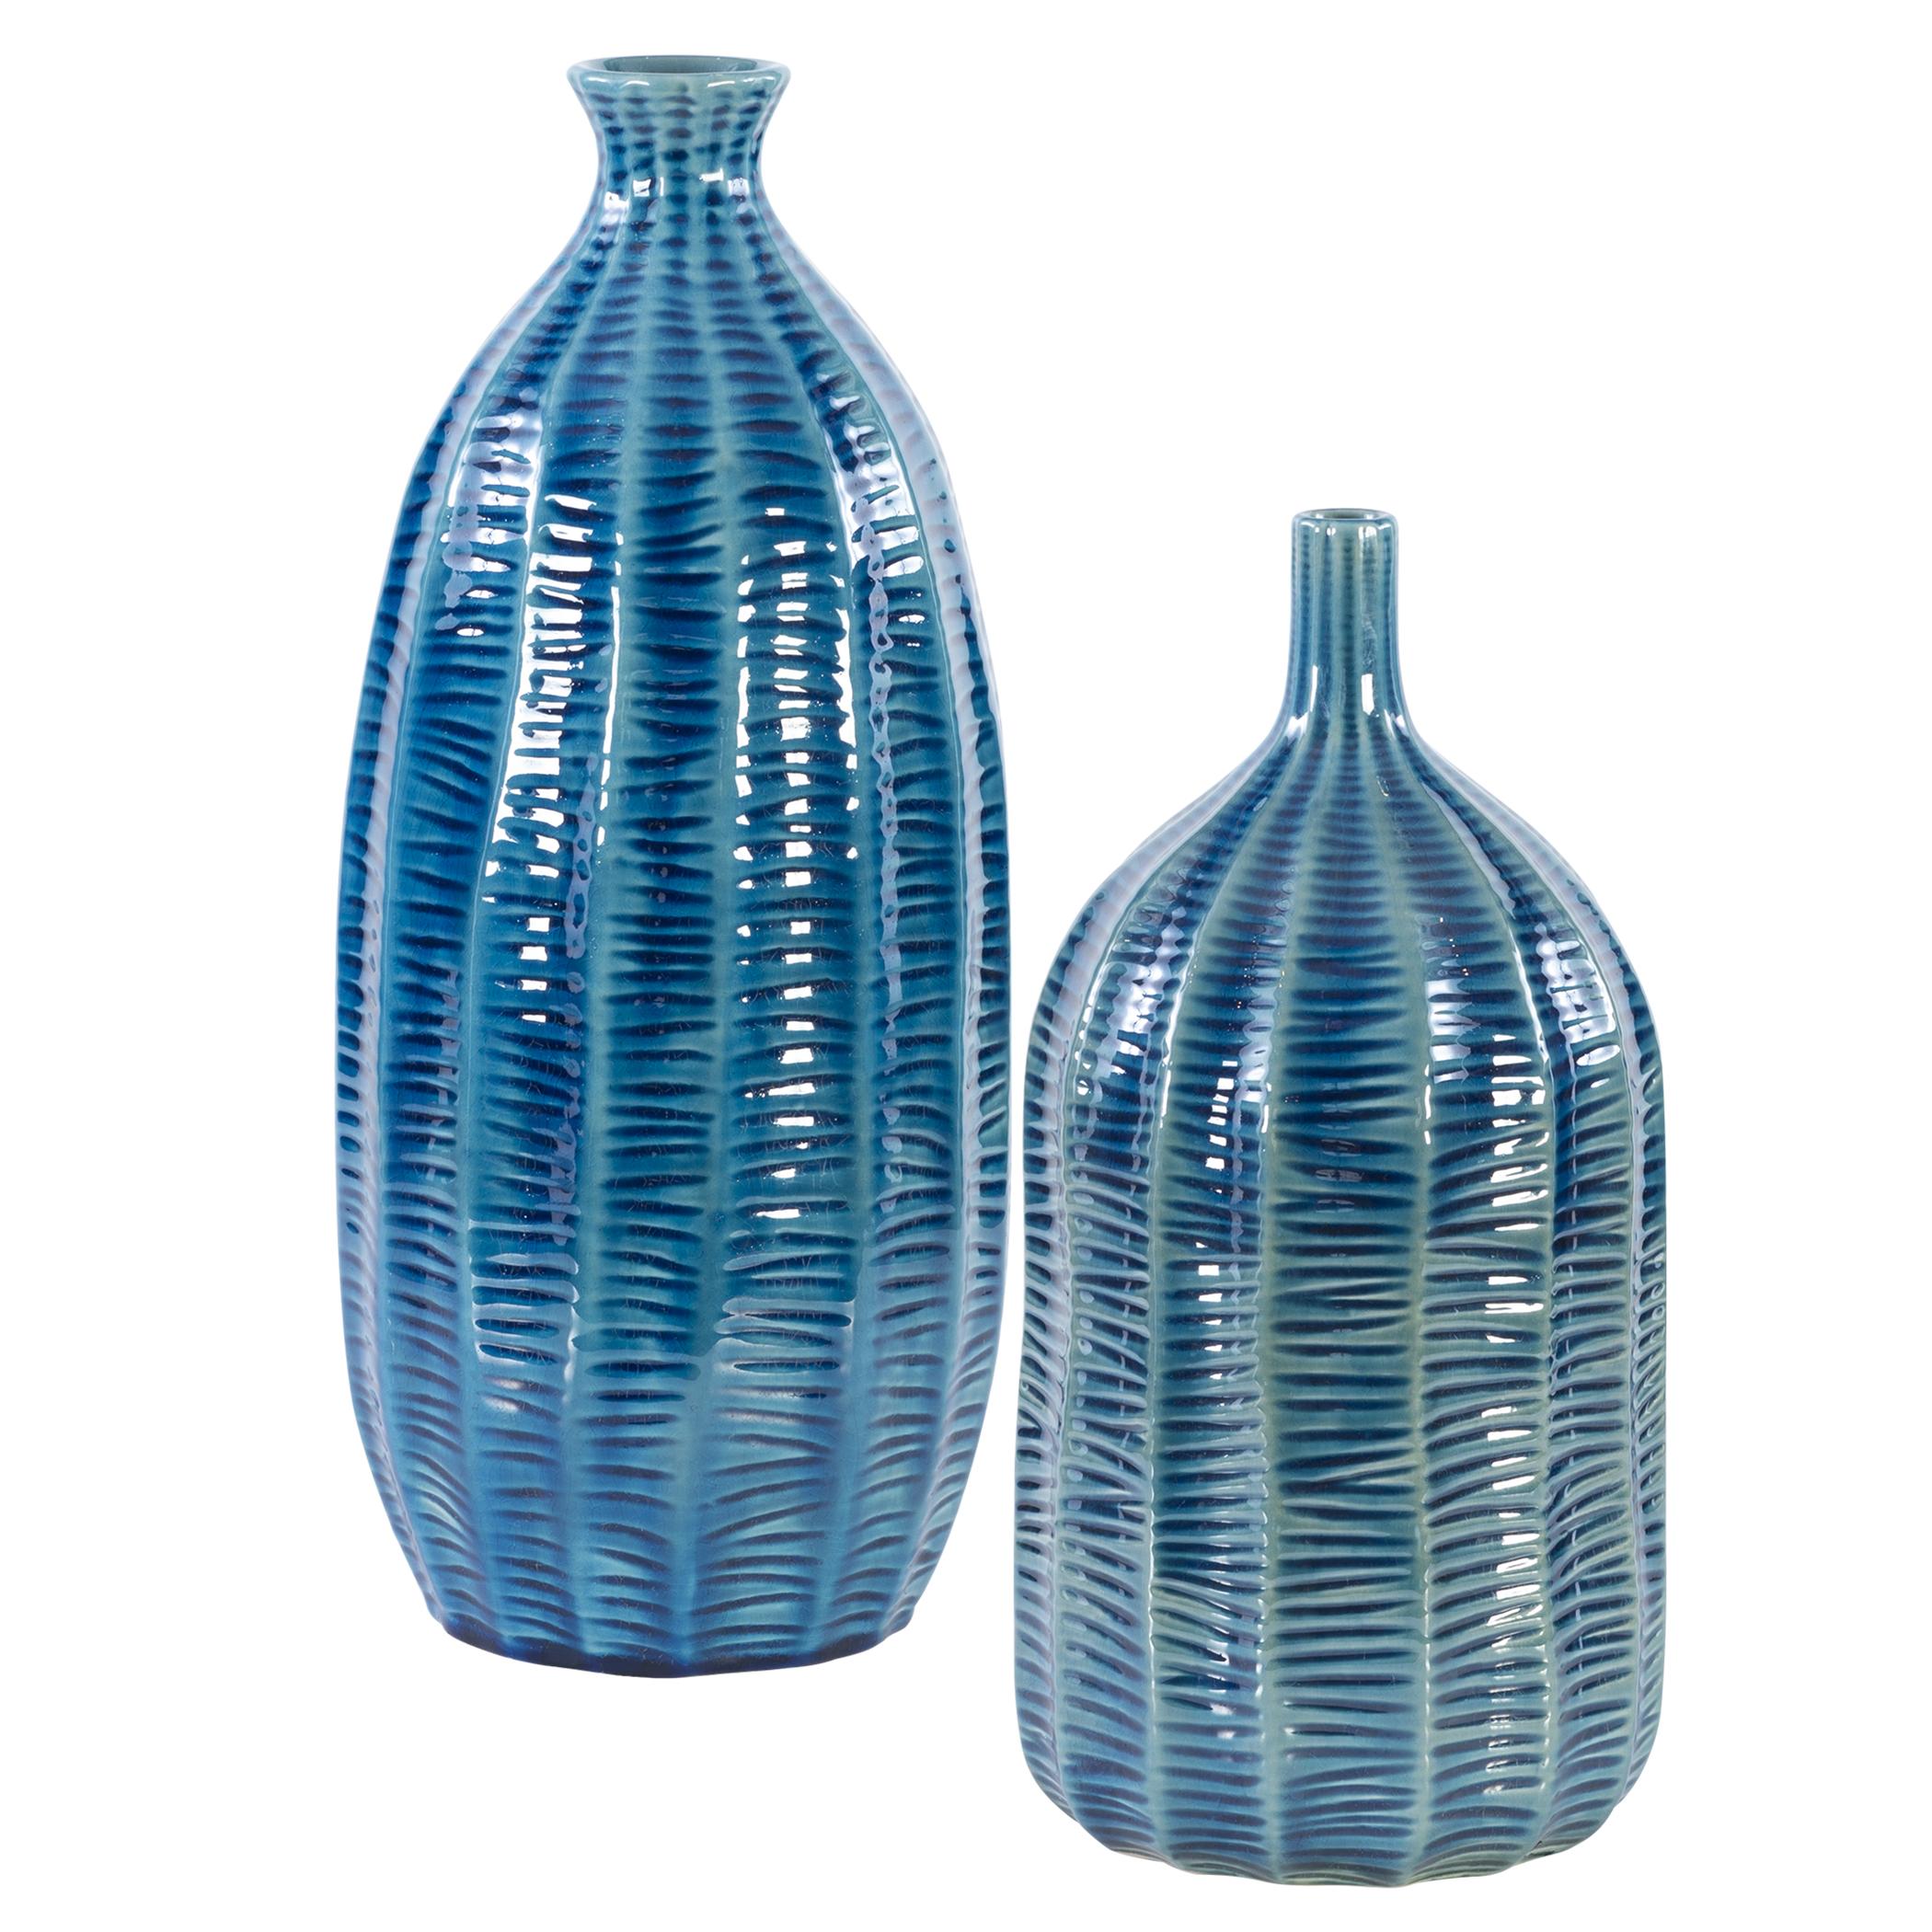 Uttermost Bixby Blue Vases, S/2